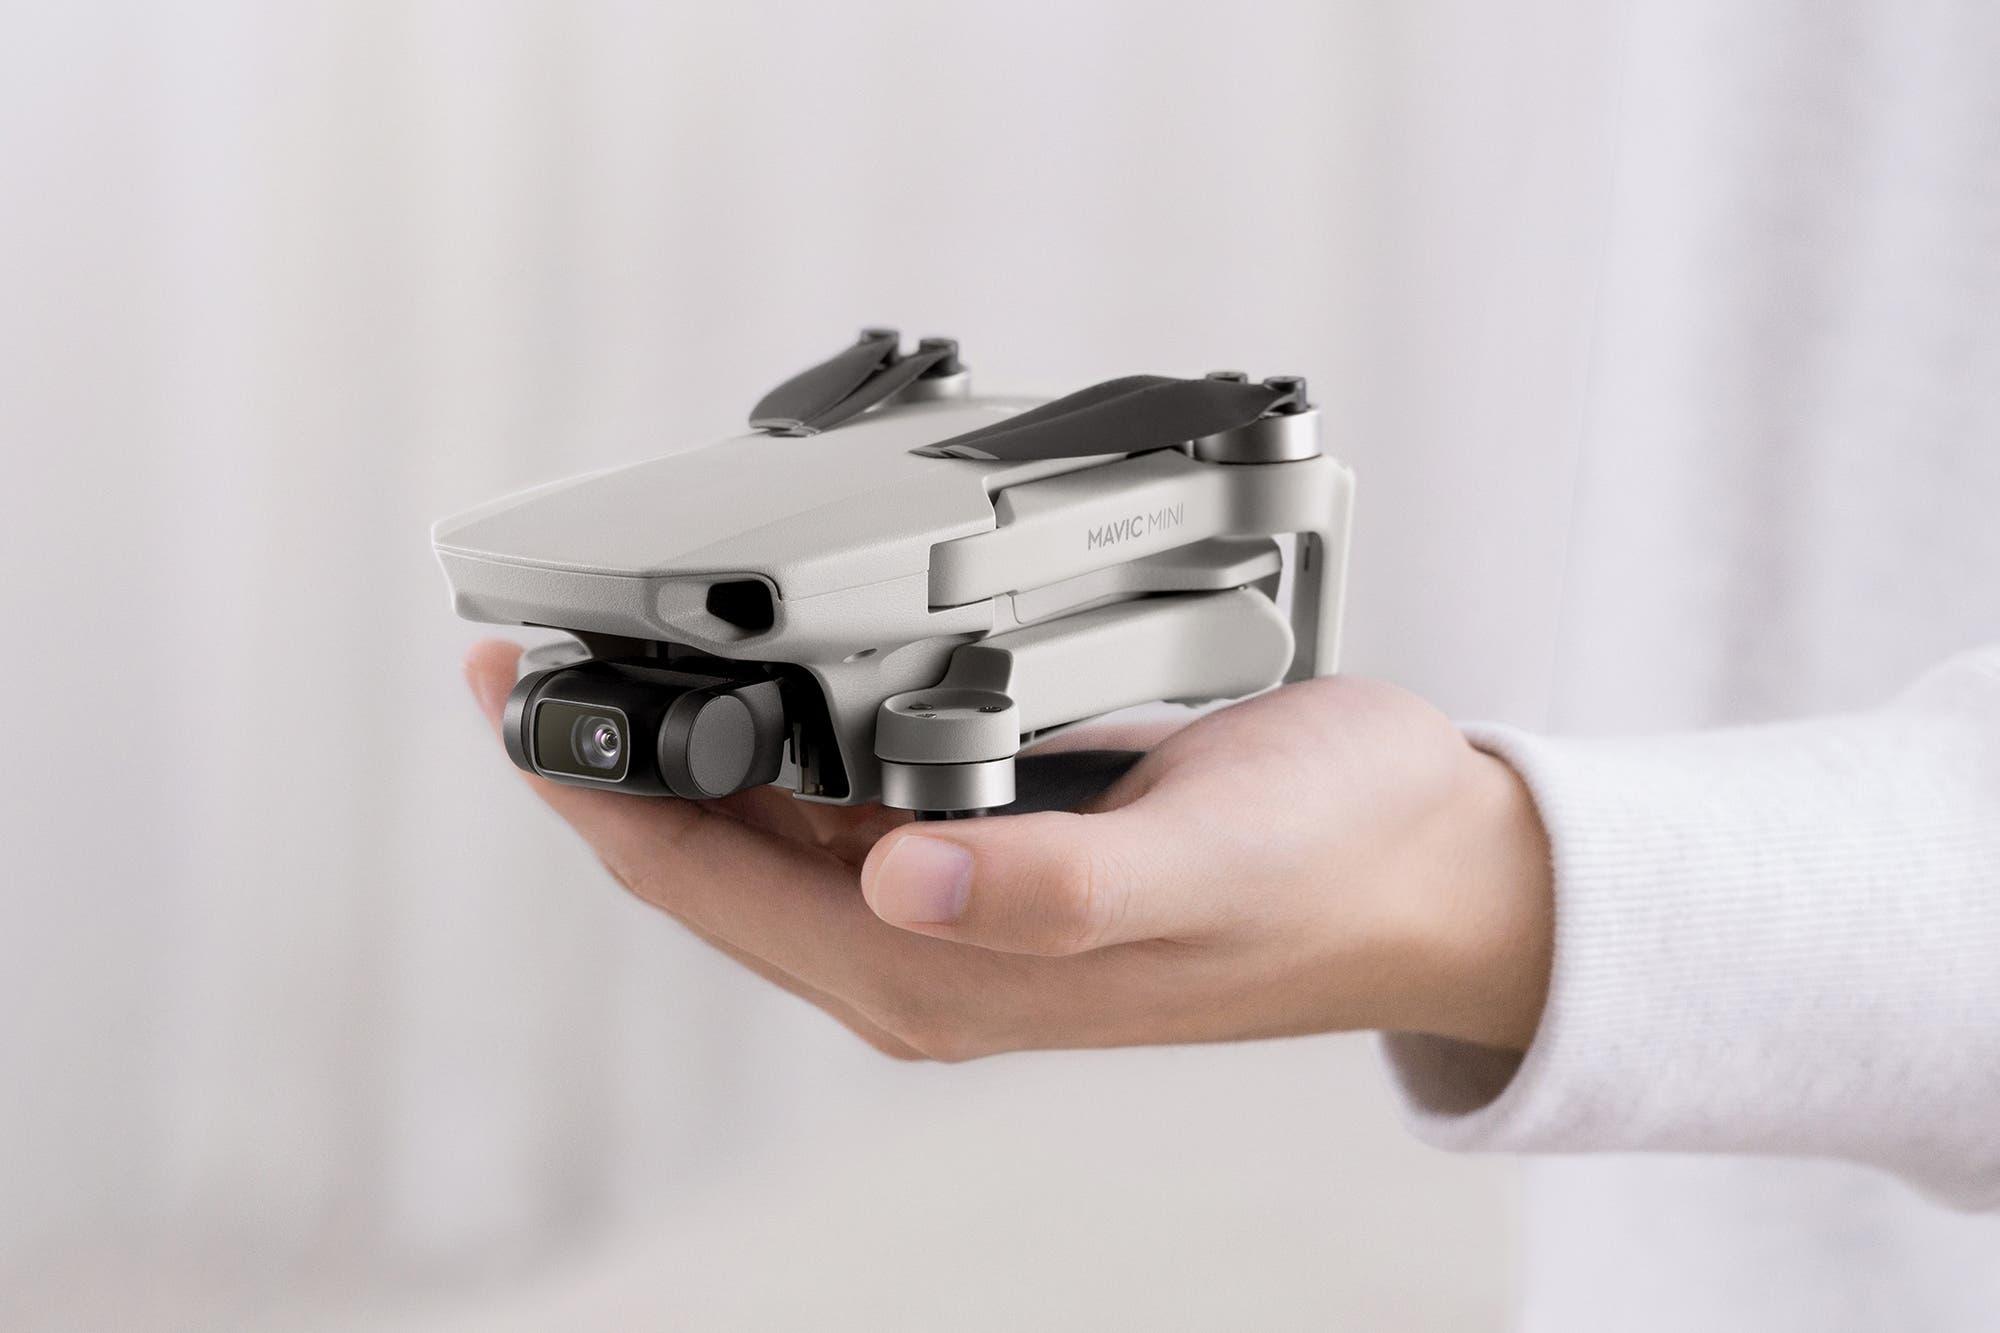 DJI lanzó el Mavic Mini, el drone compacto que pesa solo 250 gramos